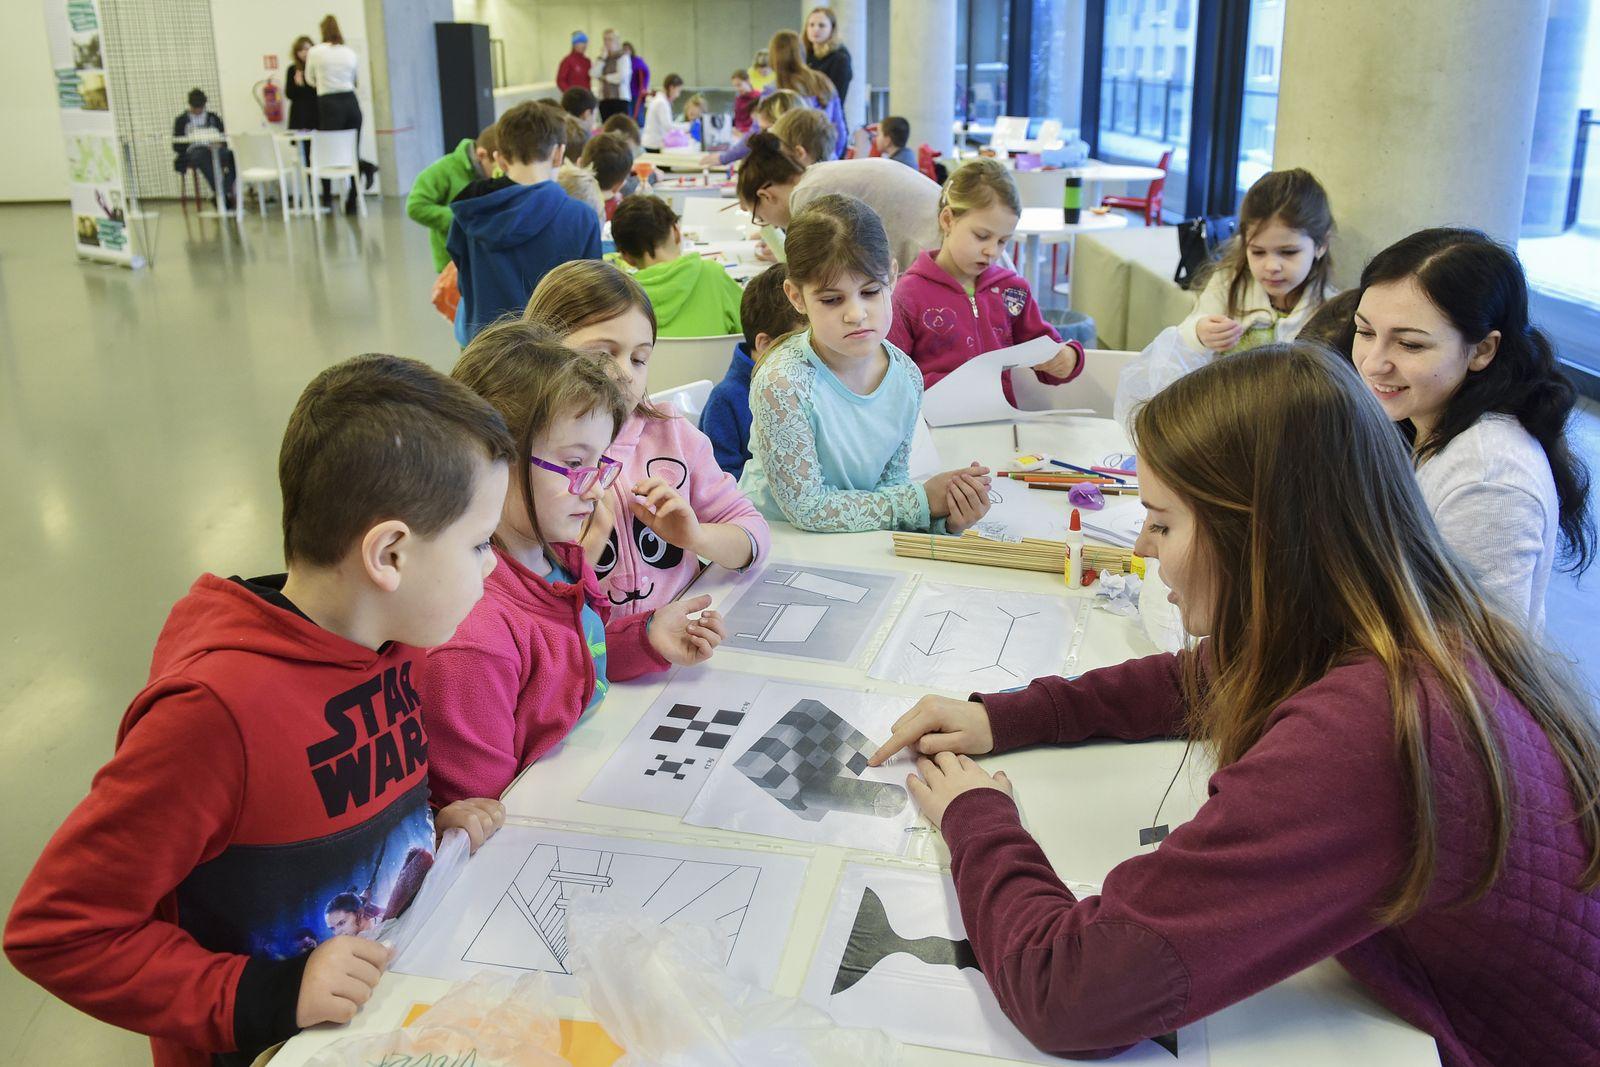 Schulreform in Polen